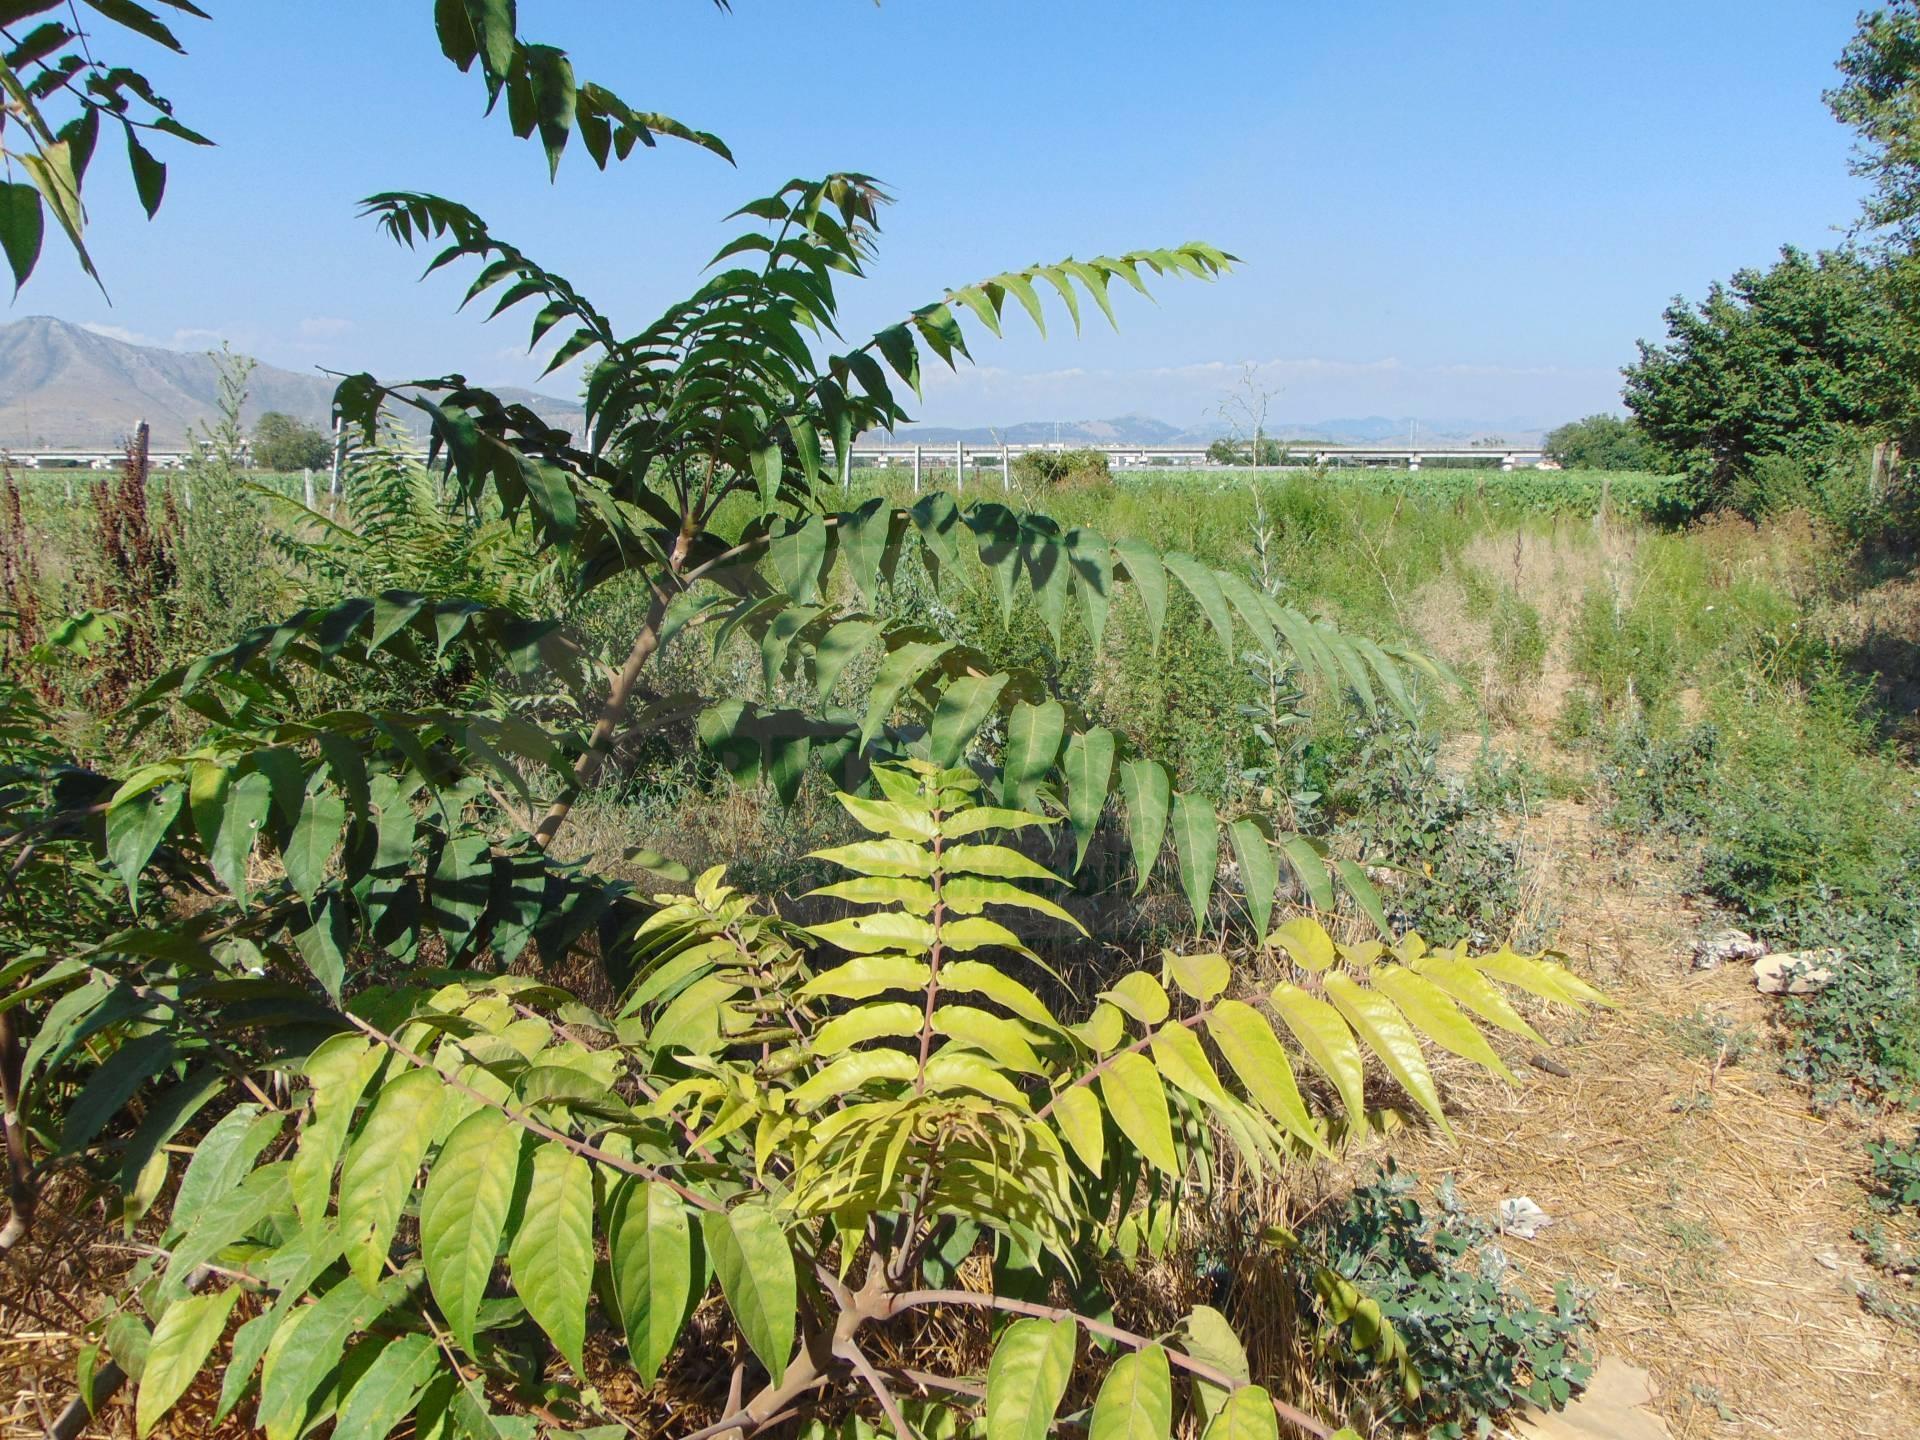 Terreno Agricolo in vendita a Santa Maria Capua Vetere, 9999 locali, prezzo € 23.000 | CambioCasa.it